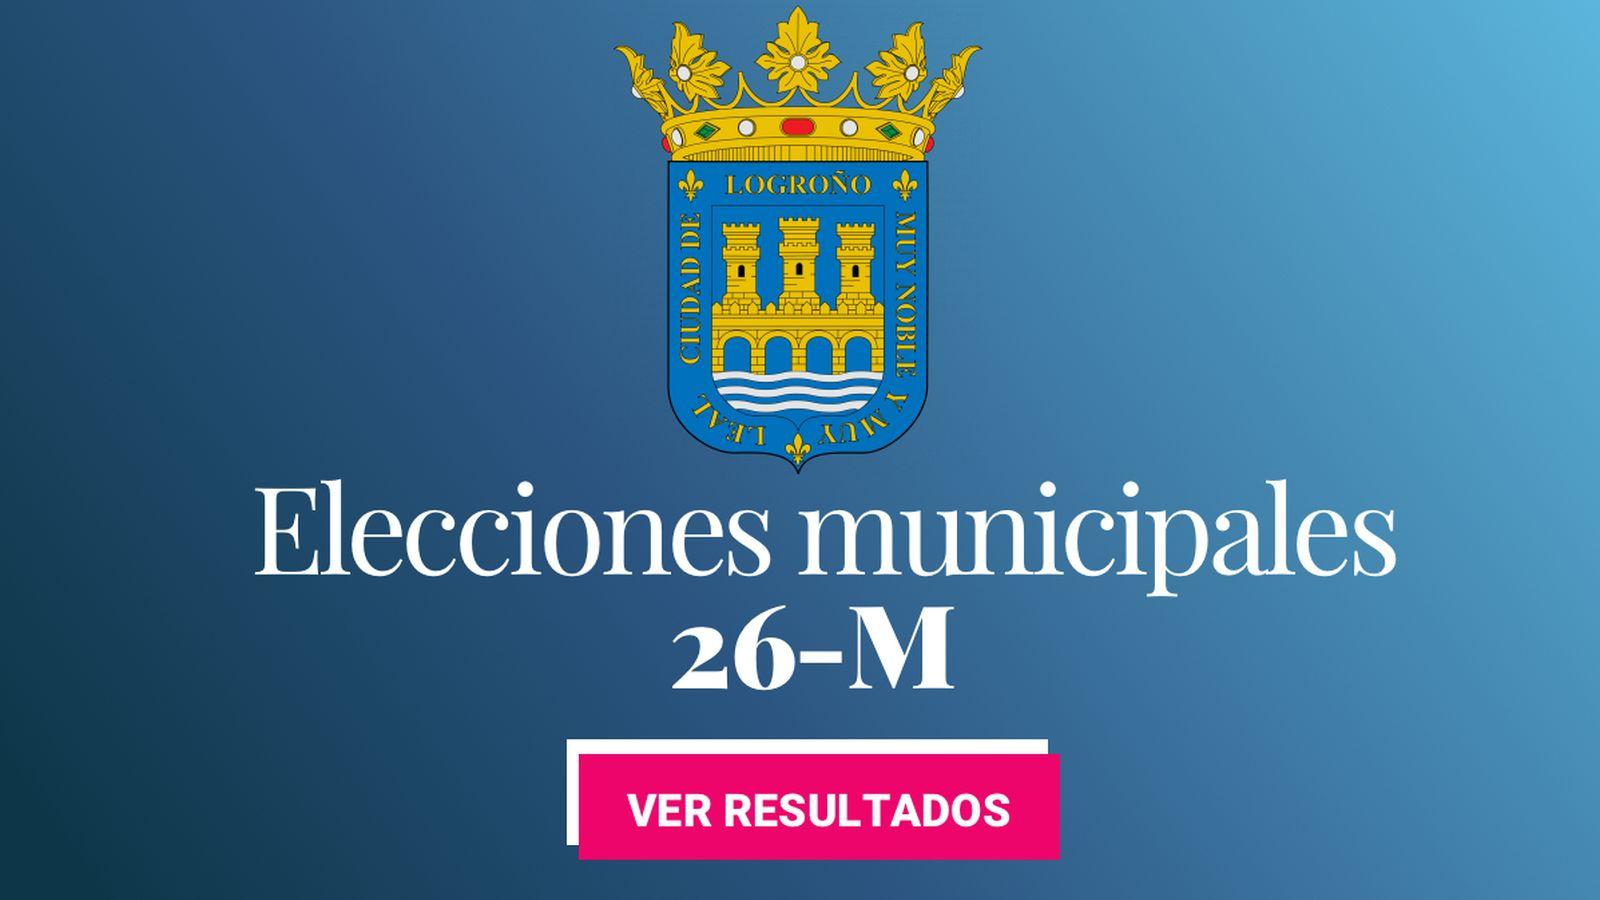 Foto: Elecciones municipales 2019 en Logroño. (C.C./EC)